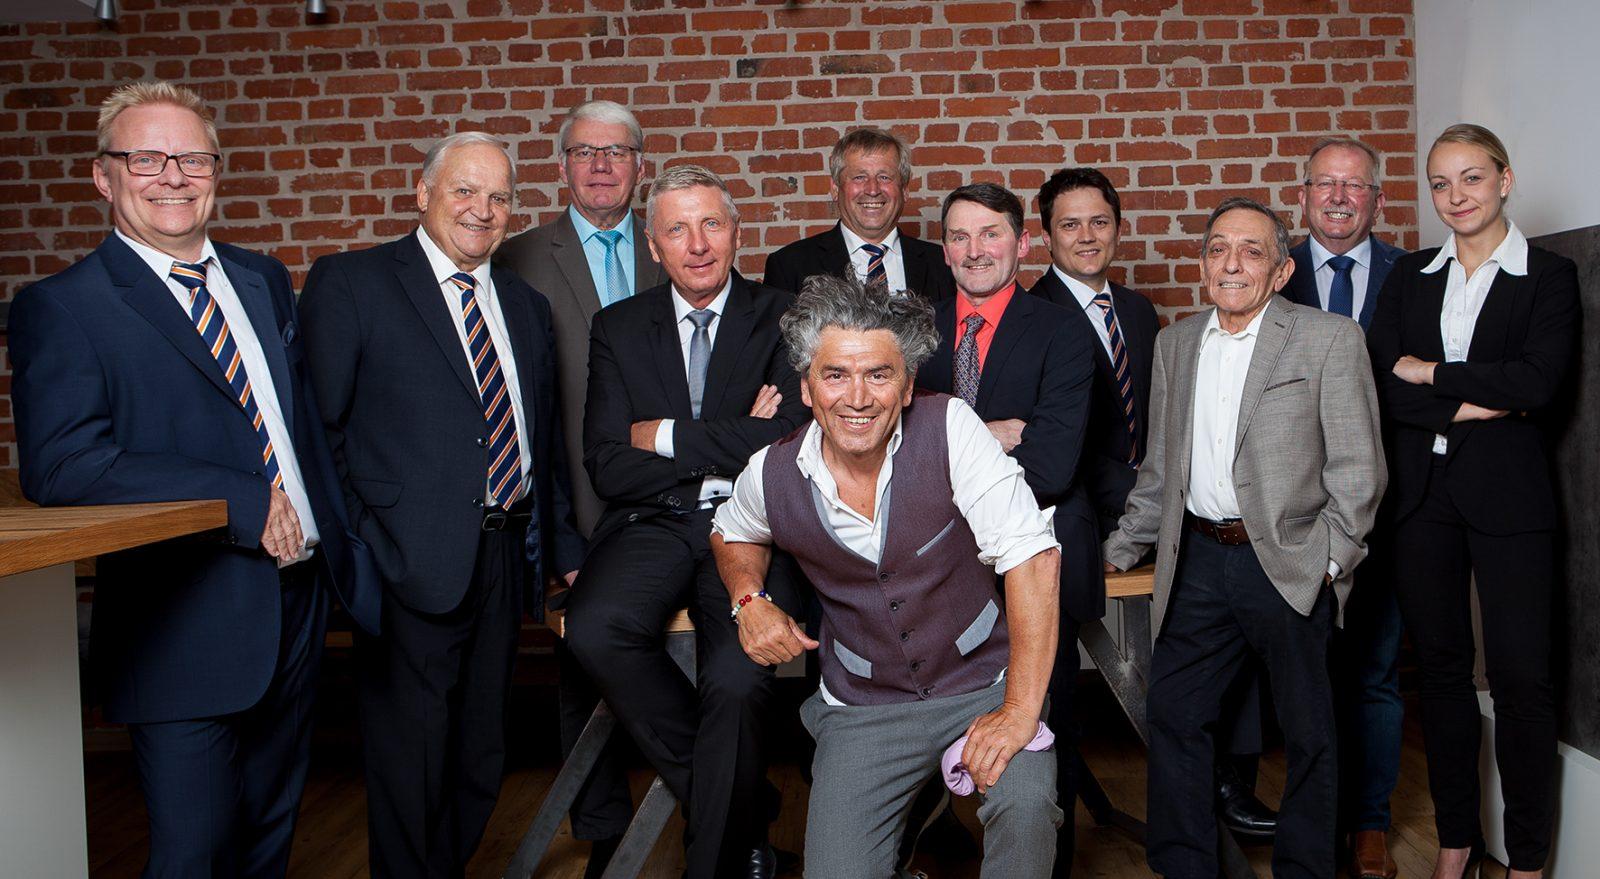 Aufsichtsrat und Vorstand der Raiffeisenbank